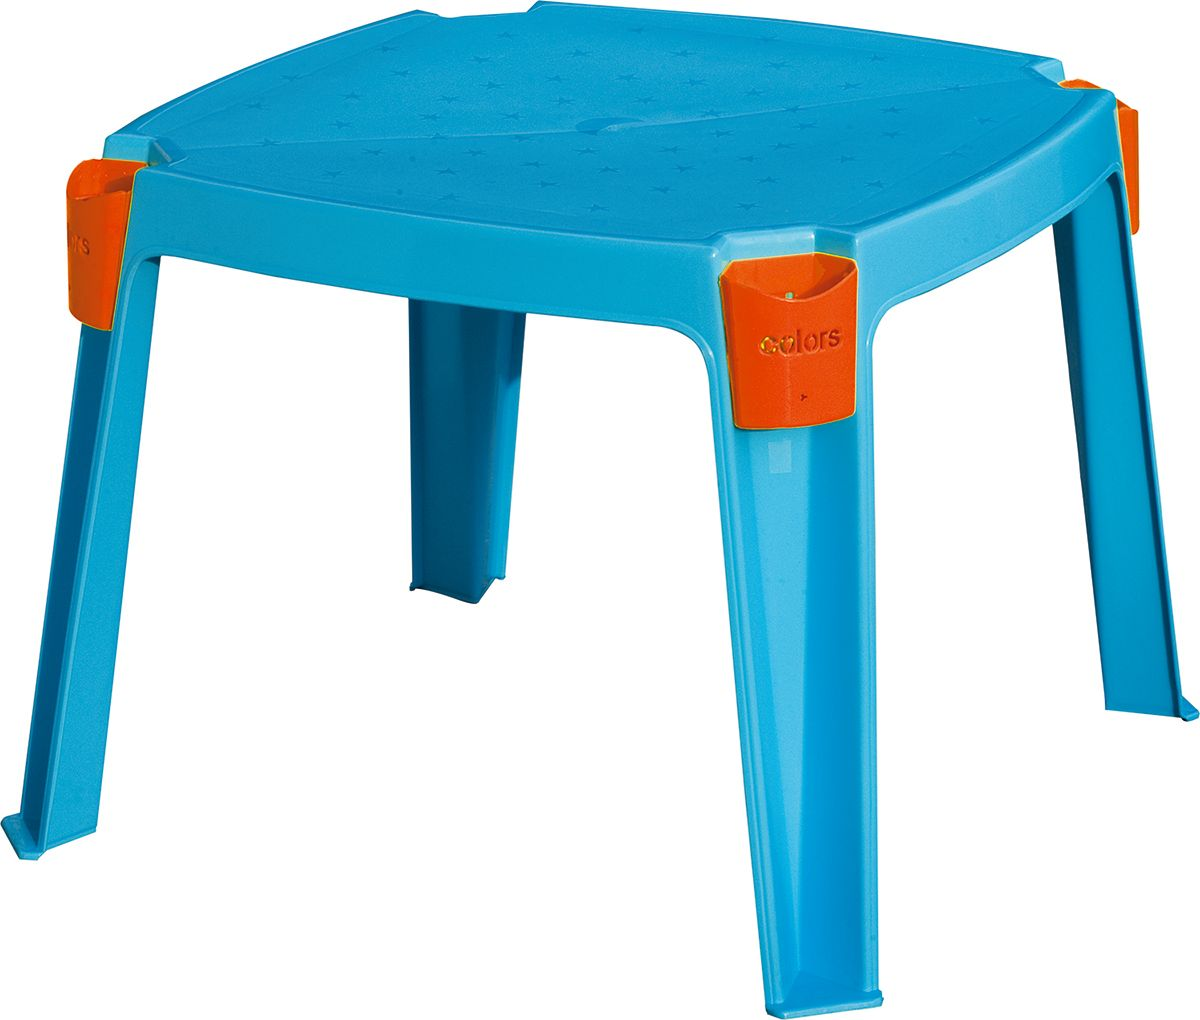 Marian Plast Стол детский с карманами54 009312Удобный детский столик необходим каждому ребенку. За столиком ребенок может играть, заниматься творчеством. Столик сделан из прочного, но легкого пластика. Имеет удобные кармашки для хранения предметов.